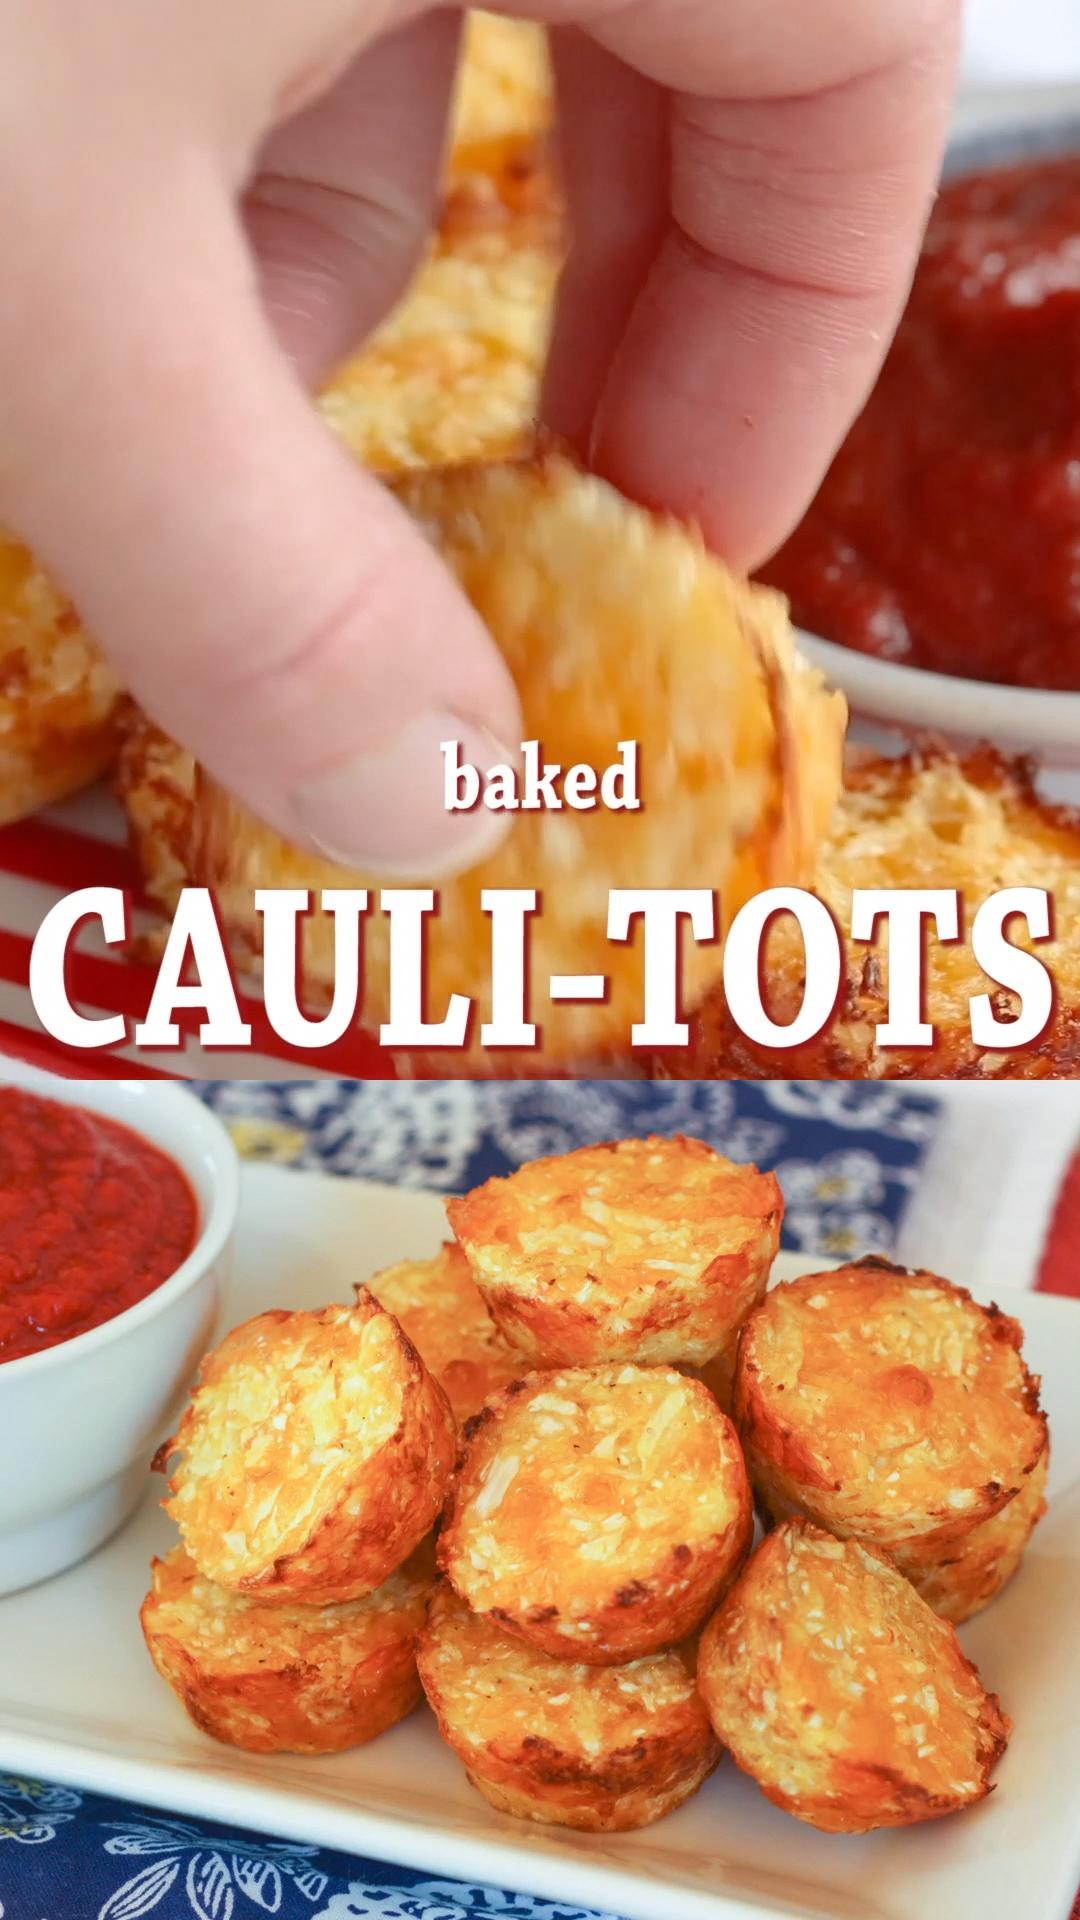 Easy Cheesy Baked Cauliflower Tots Recipe - Cupcak